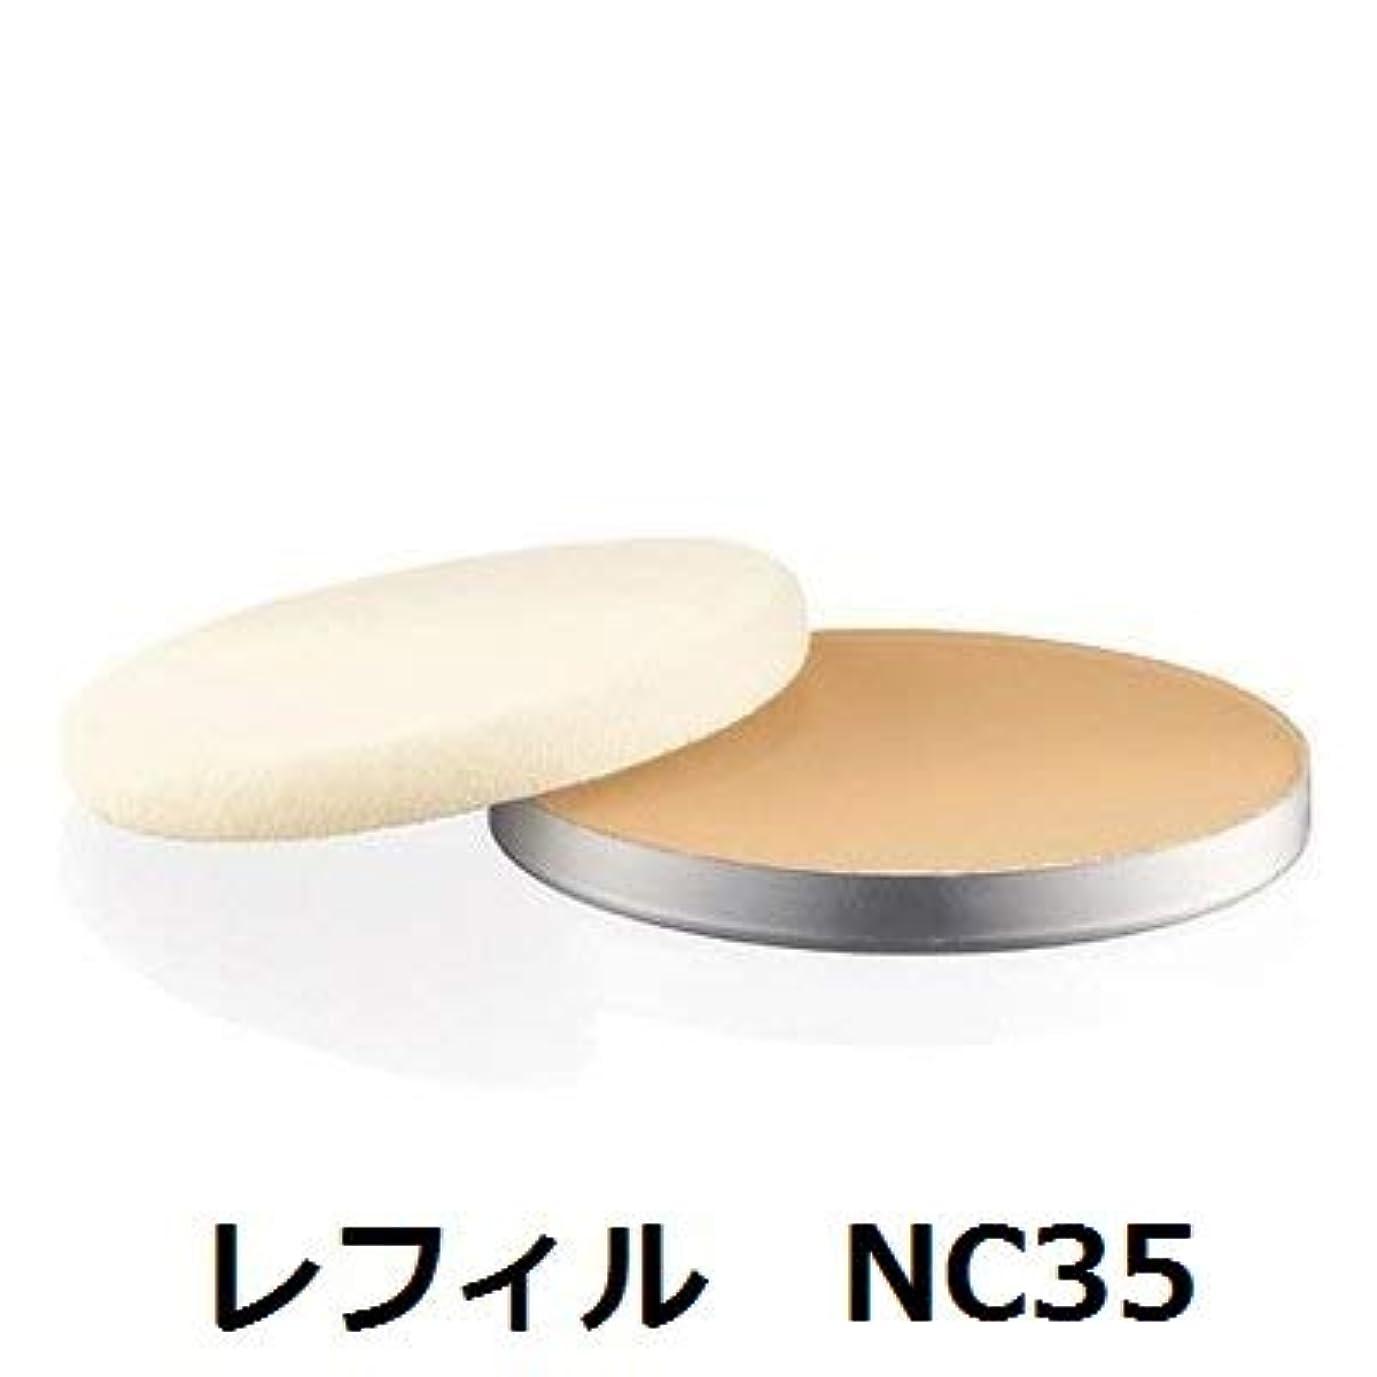 日没時石マック(MAC) ライトフルC+SPF 30ファンデーション レフィル #NC35 14g [並行輸入品]